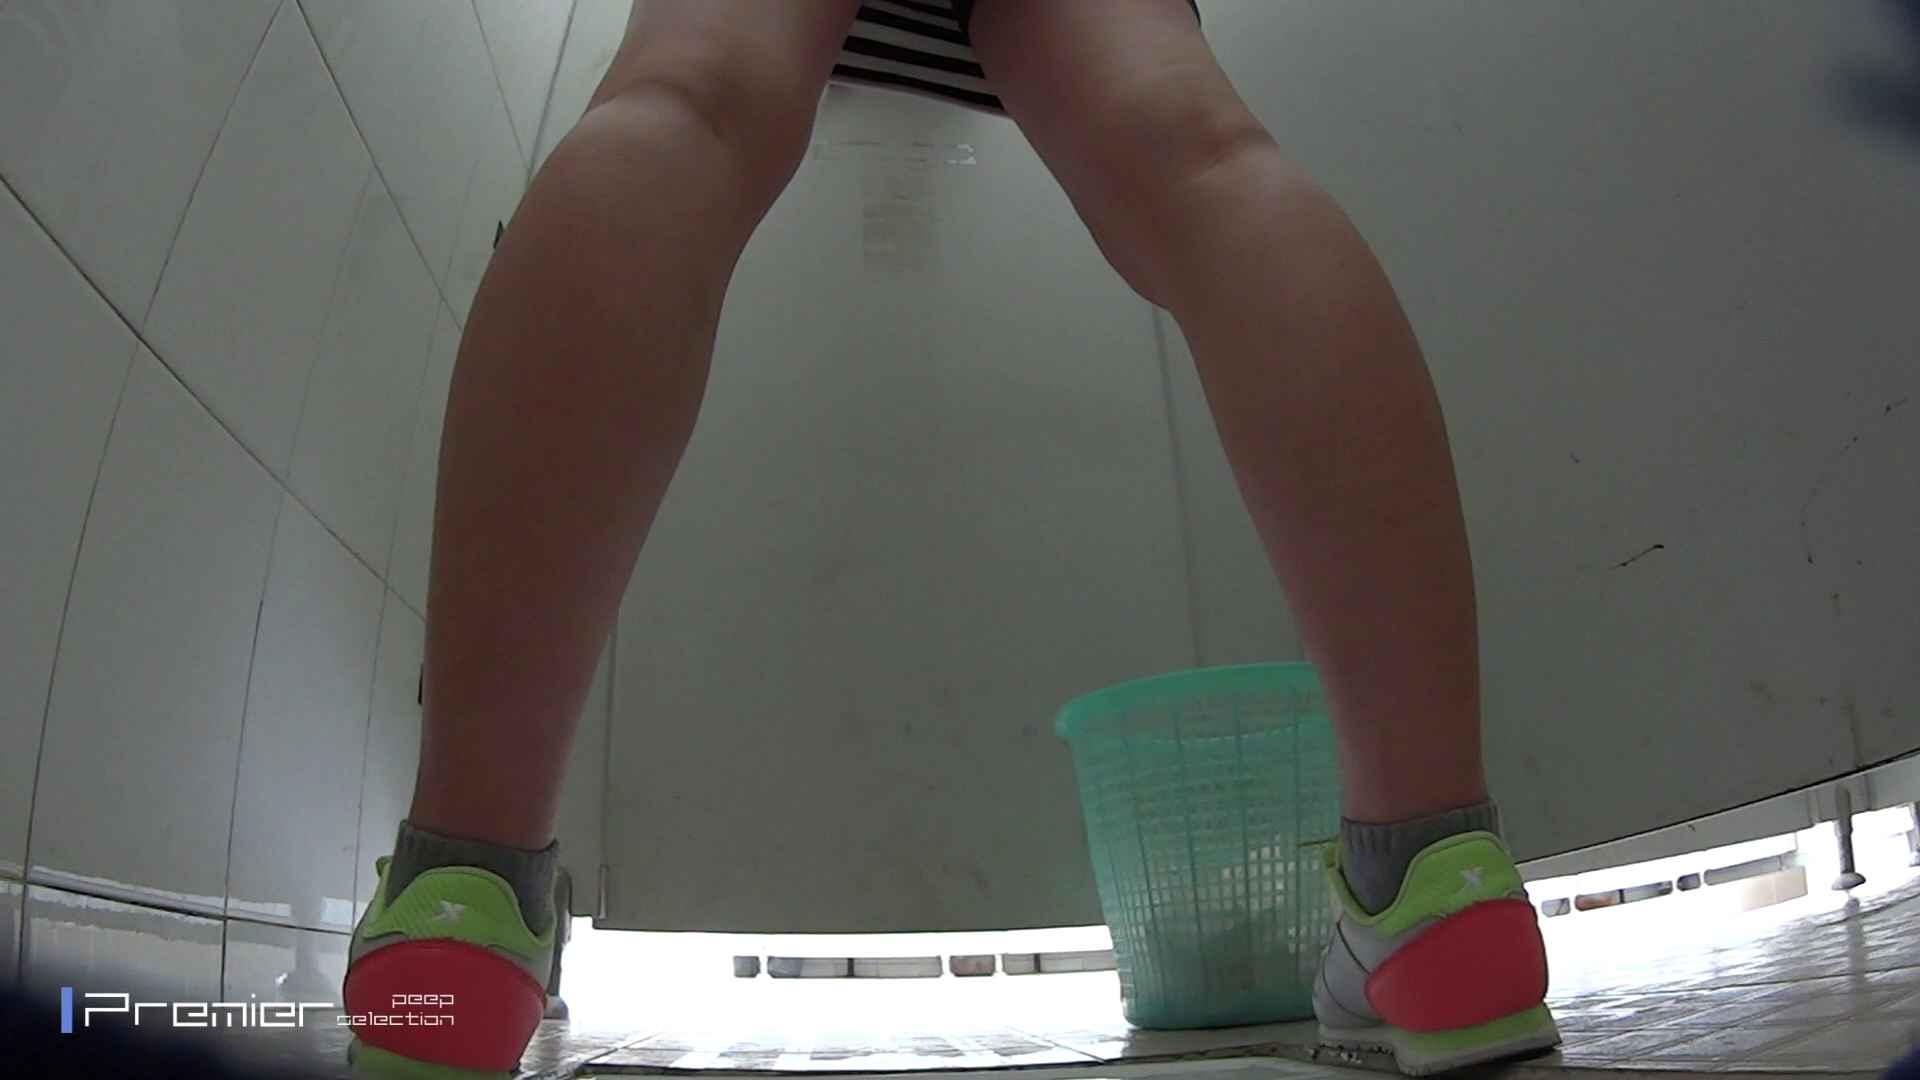 美しい女良たちのトイレ事情 有名大学休憩時間の洗面所事情06 丸見え おまんこ動画流出 90枚 15